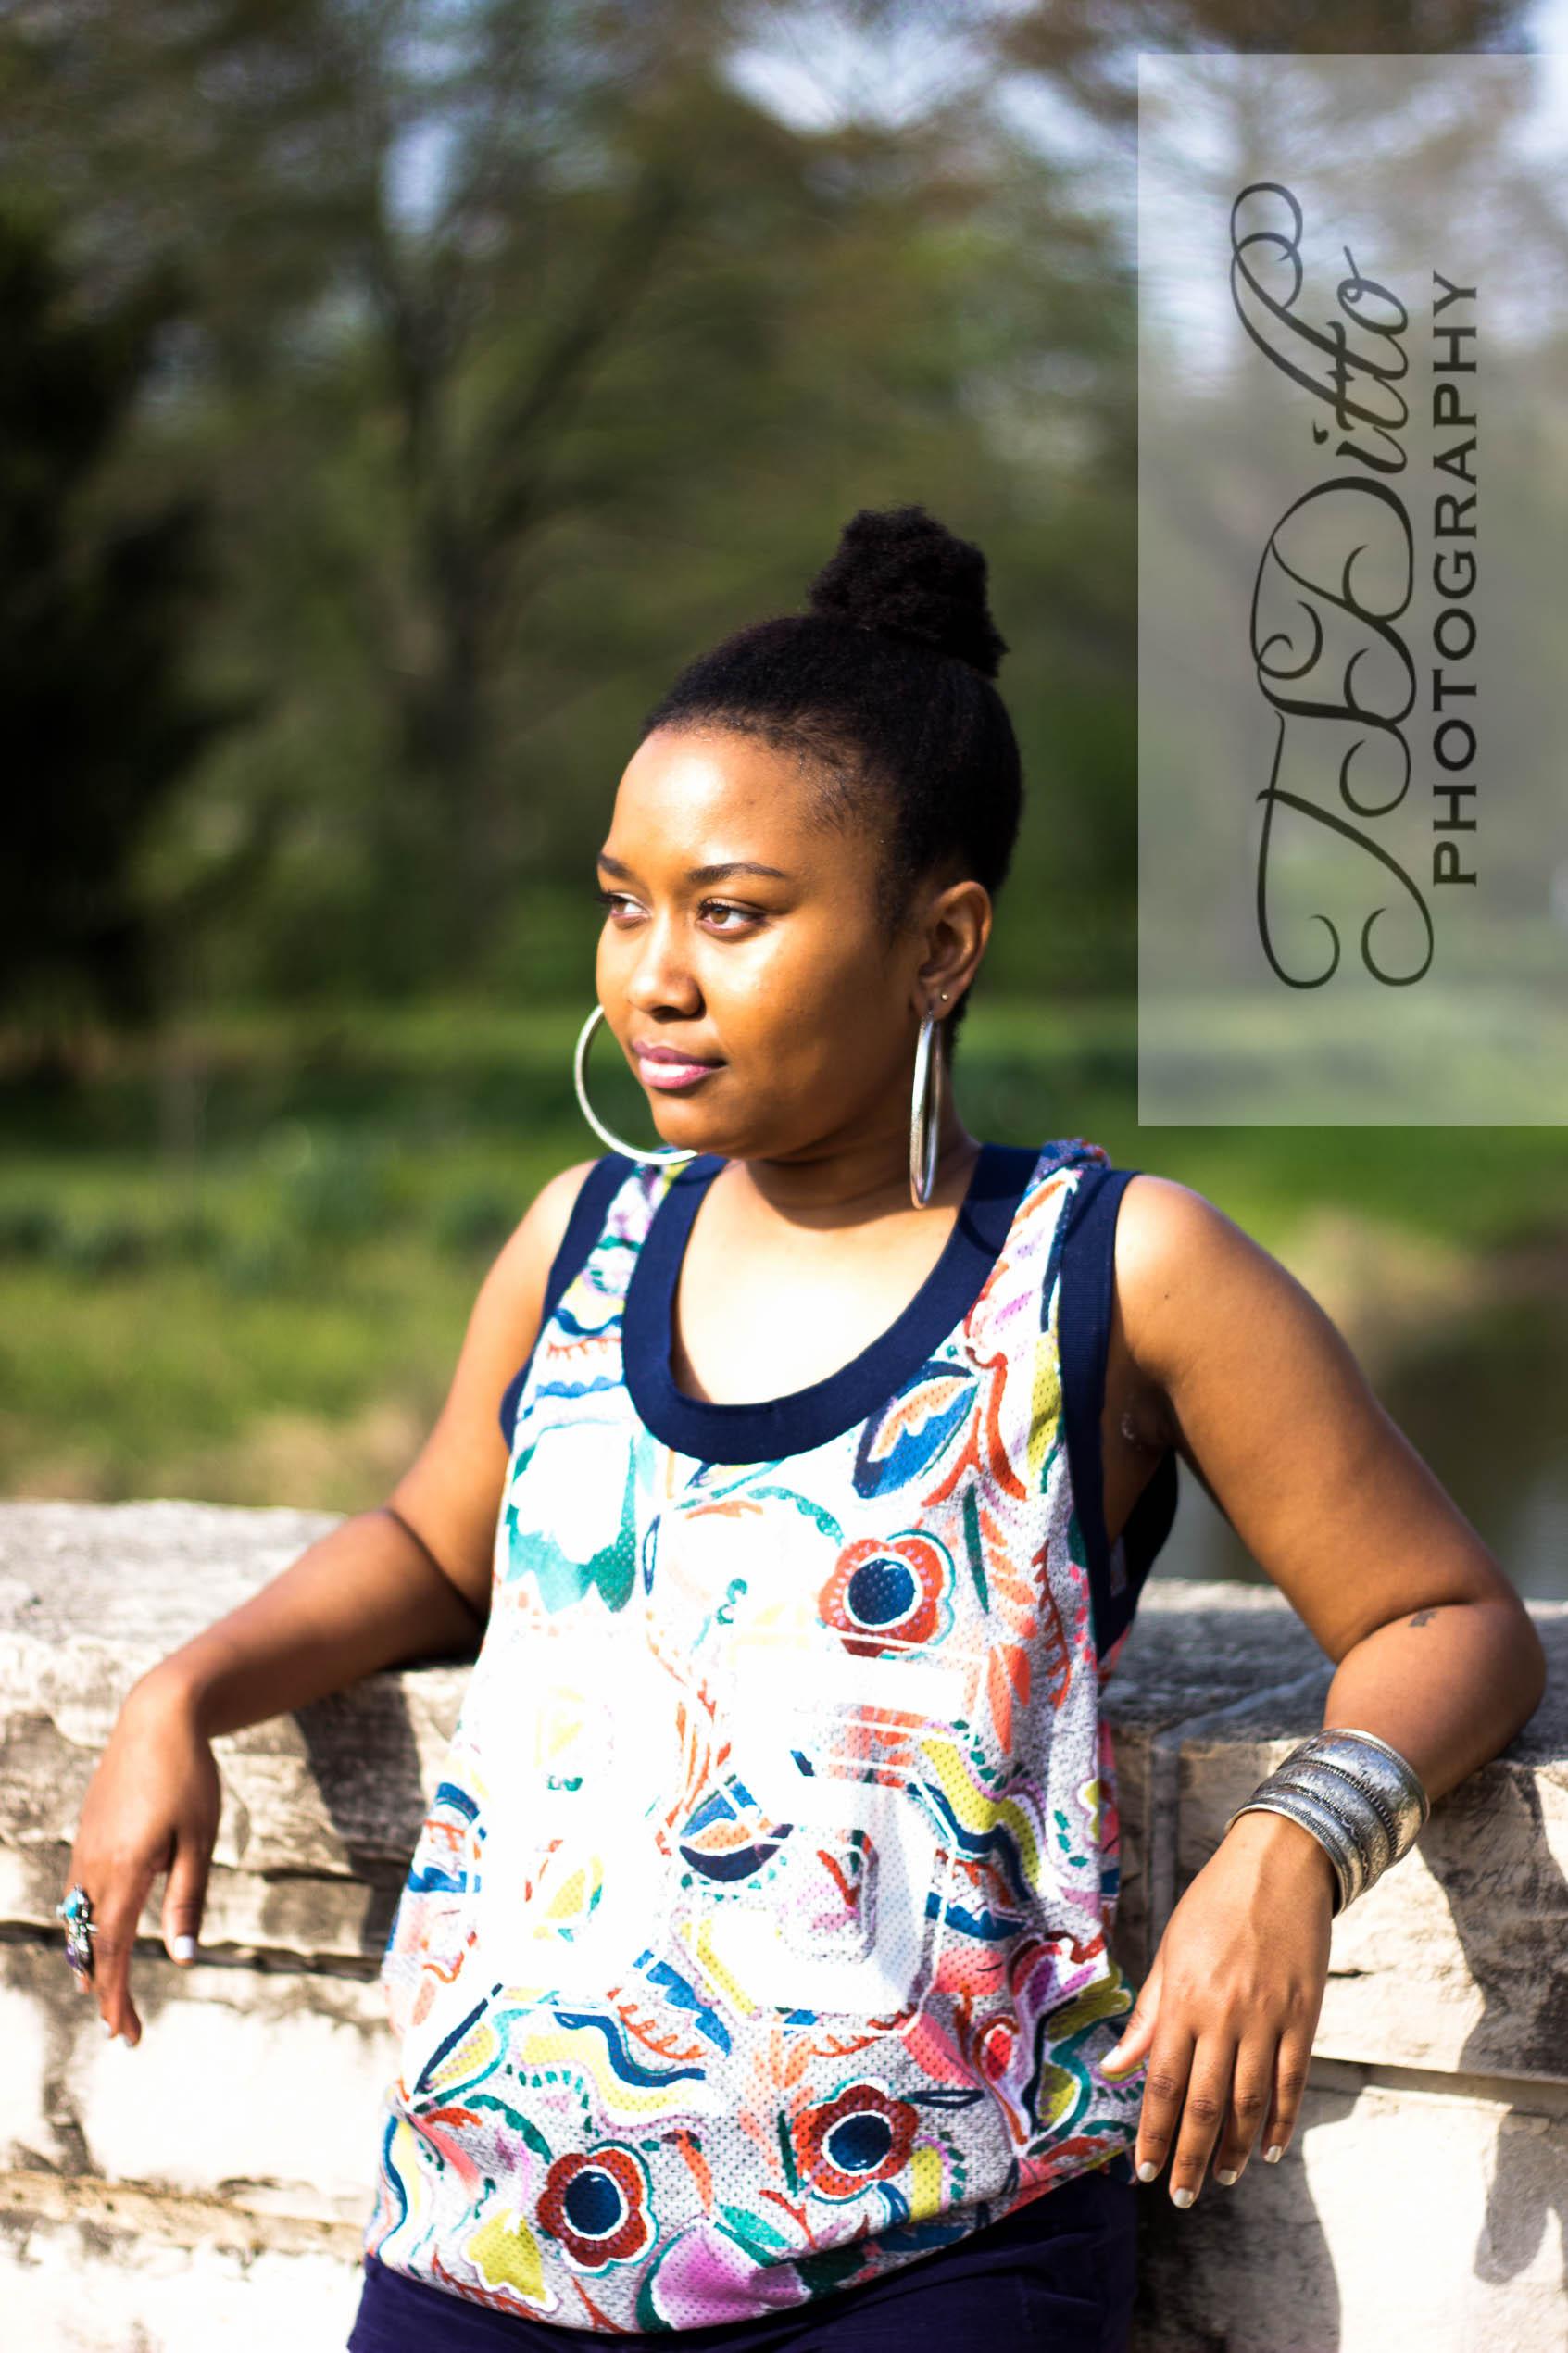 Missy in the park-39.jpg